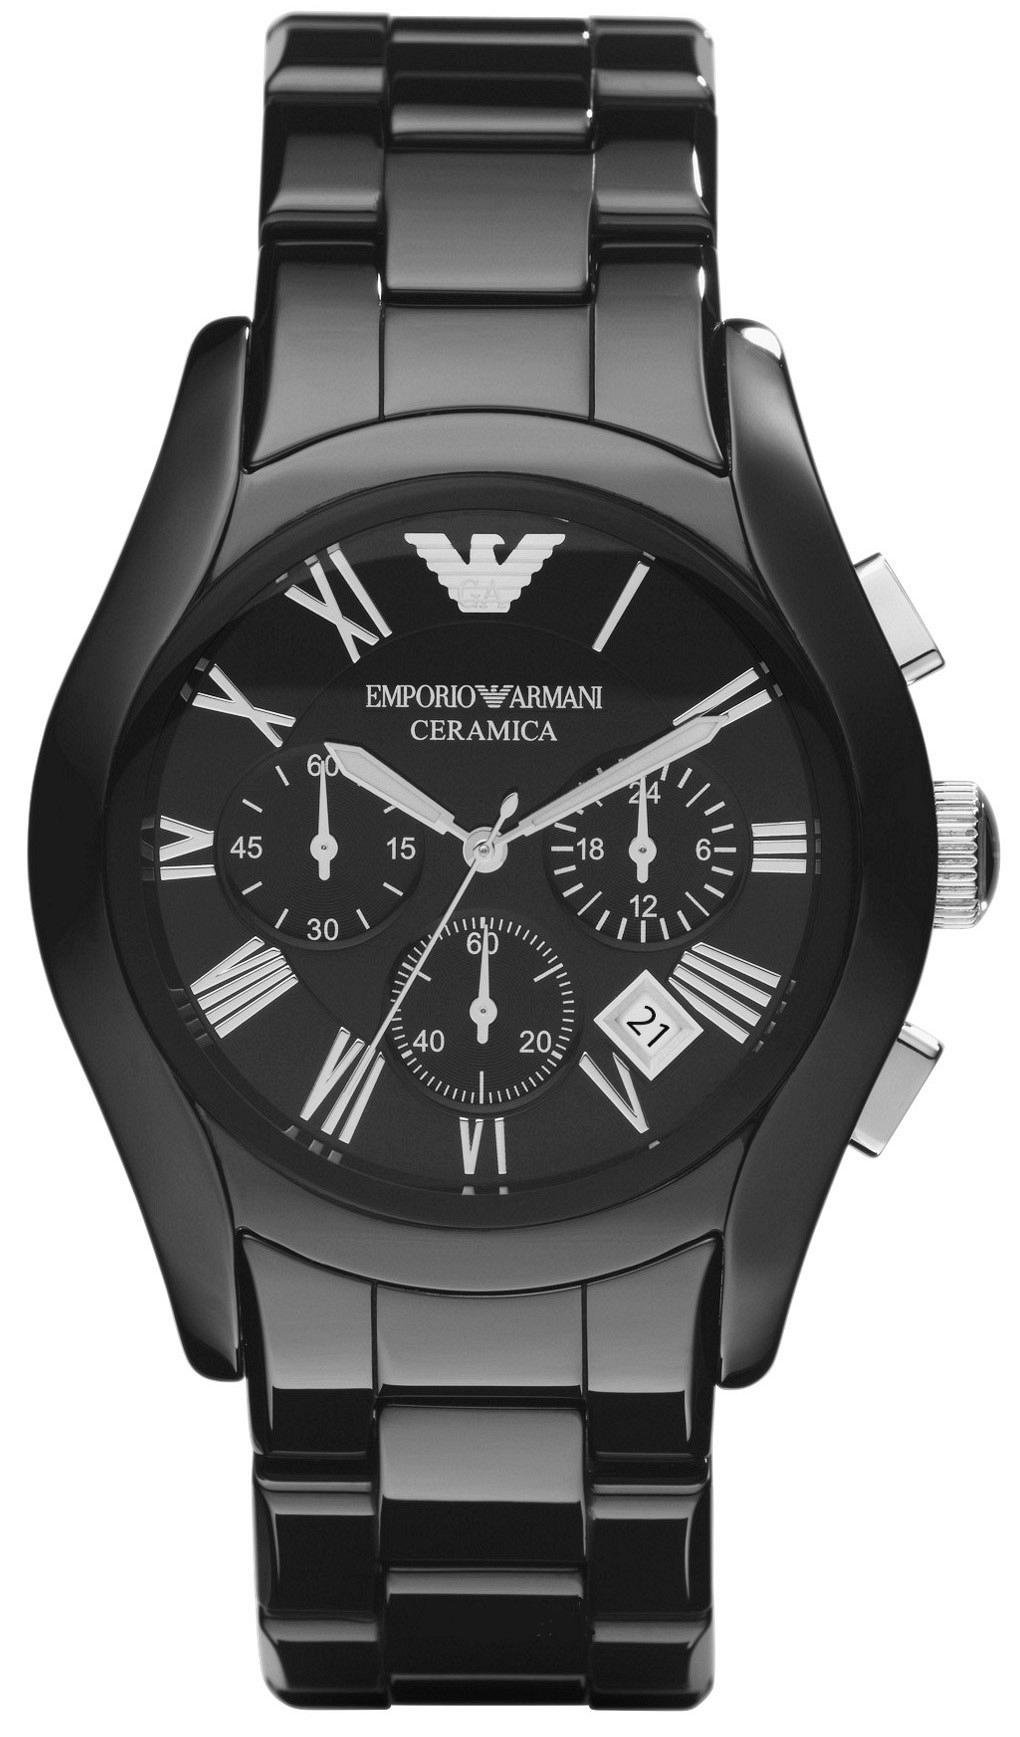 В каталоге представлены часы наручные armani всех ценовых категорий от самых дешевых до самых дорогих от разных интернет-магазинов перми.